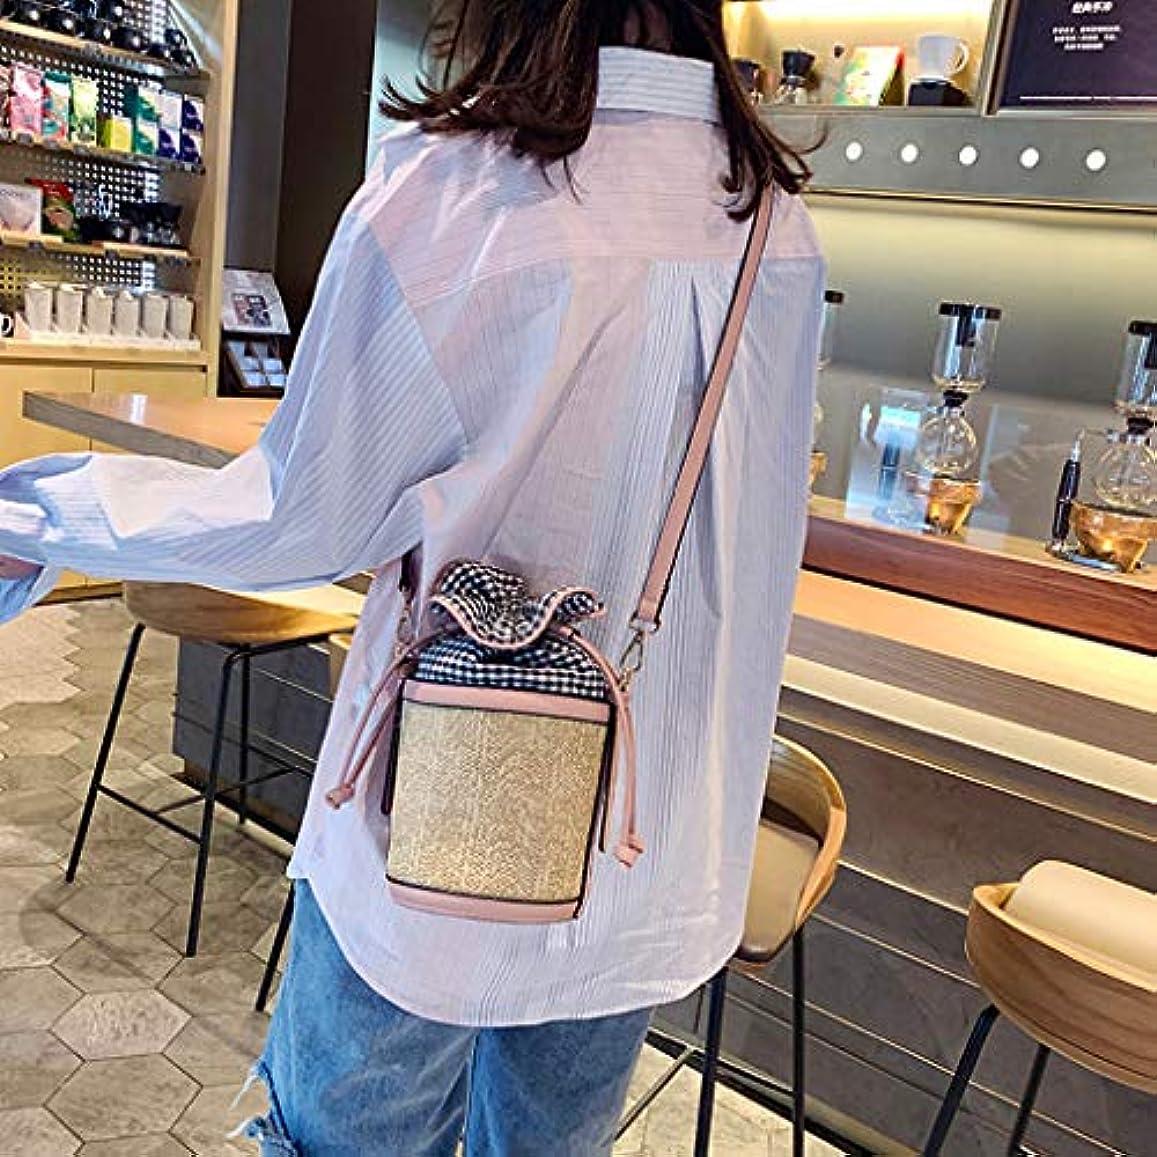 数学者逆さまにそれるファッション女性レトロ織り格子革バケットバッグクロスボディバッグショルダーバッグ、女性のヴィンテージ織格子縞ステッチバケットバッグ斜めバッグ (ピンク)